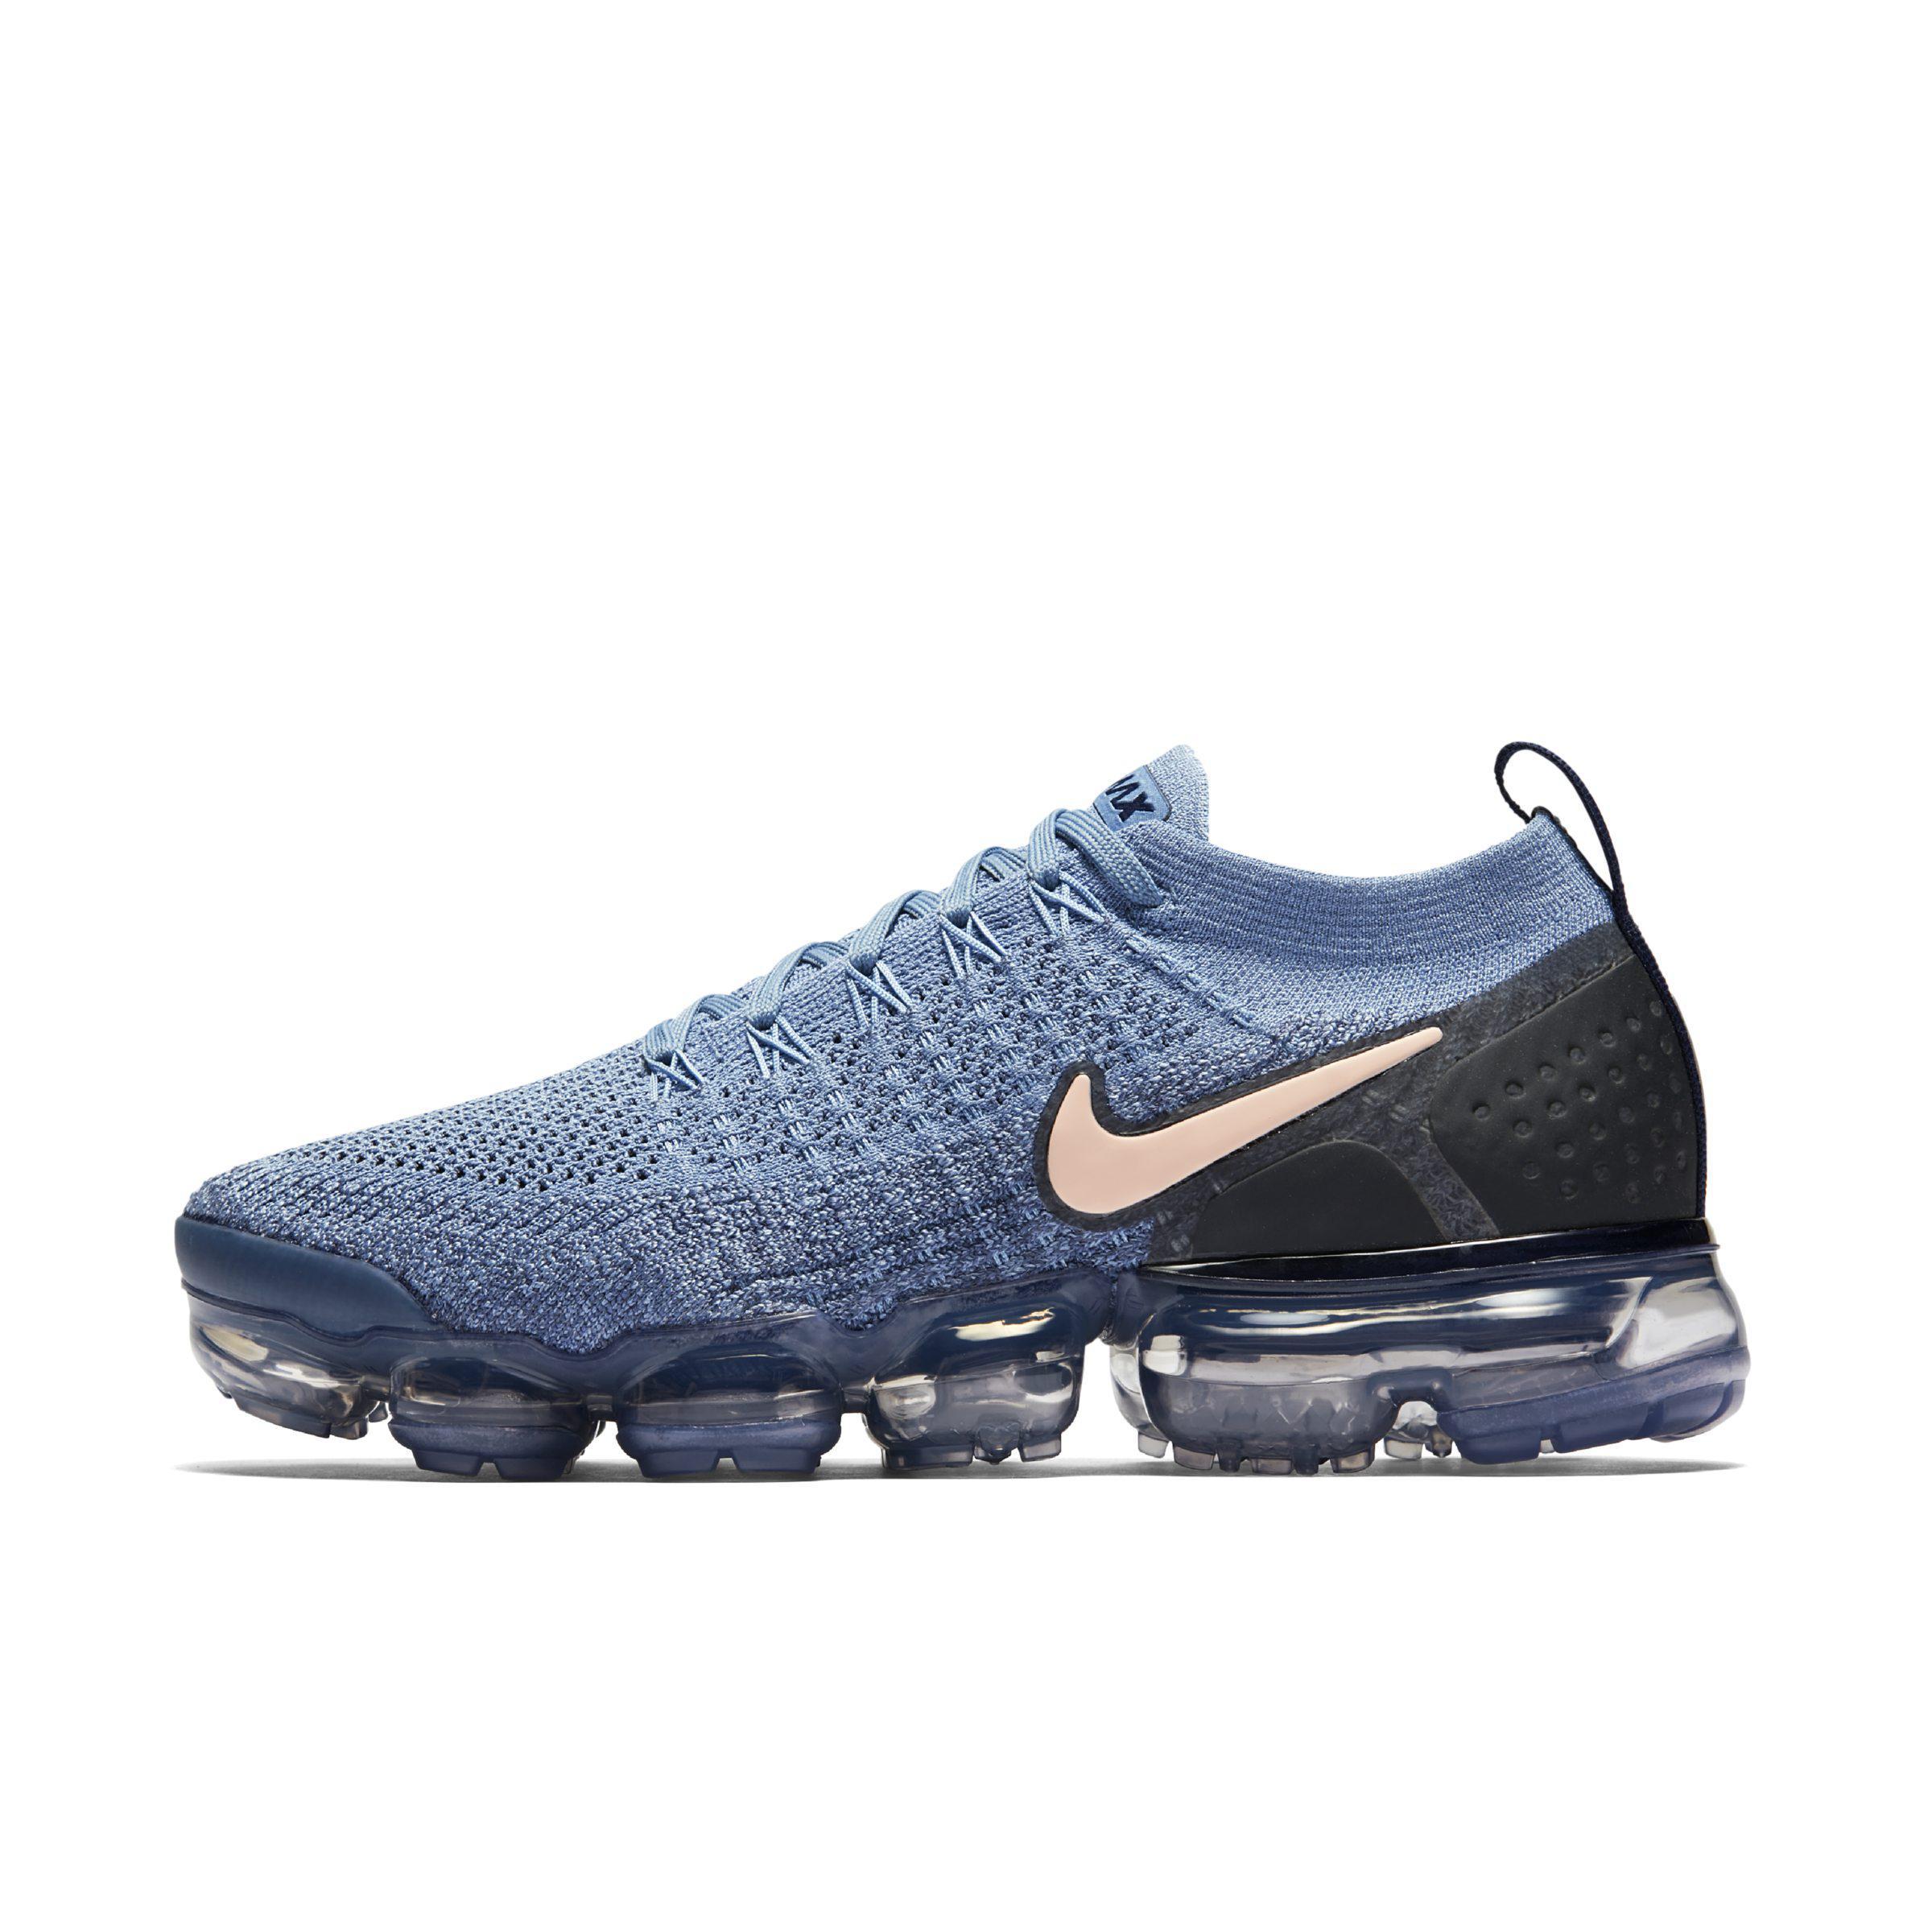 3862b627b529 Nike Air Vapormax Flyknit 2 Shoe in Blue - Lyst